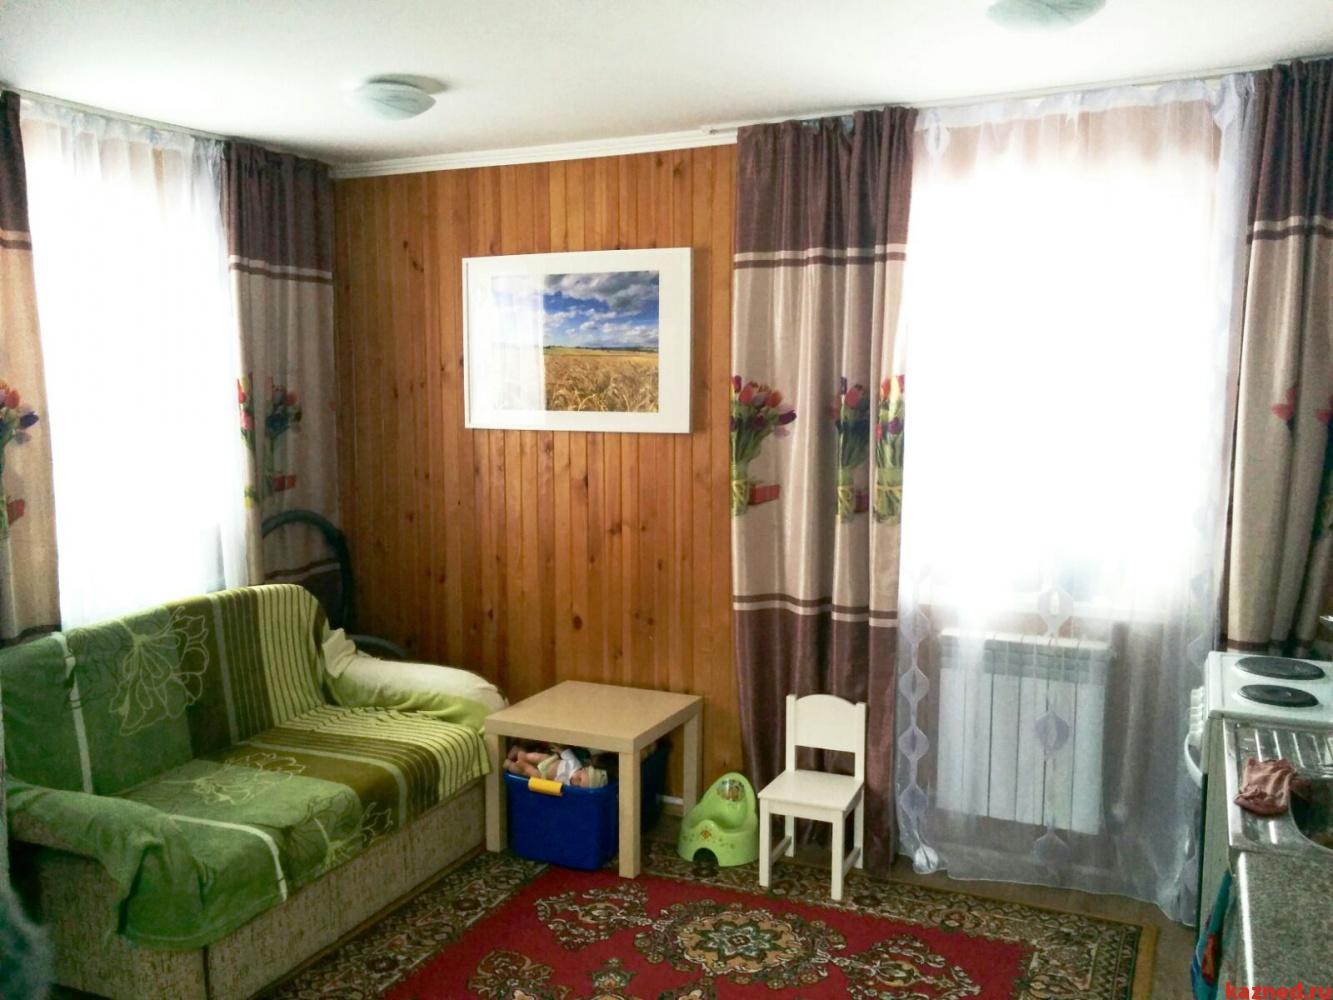 Продажа  Дома Мирный пос. 4-я Давликеевская, 55 м2  (миниатюра №2)